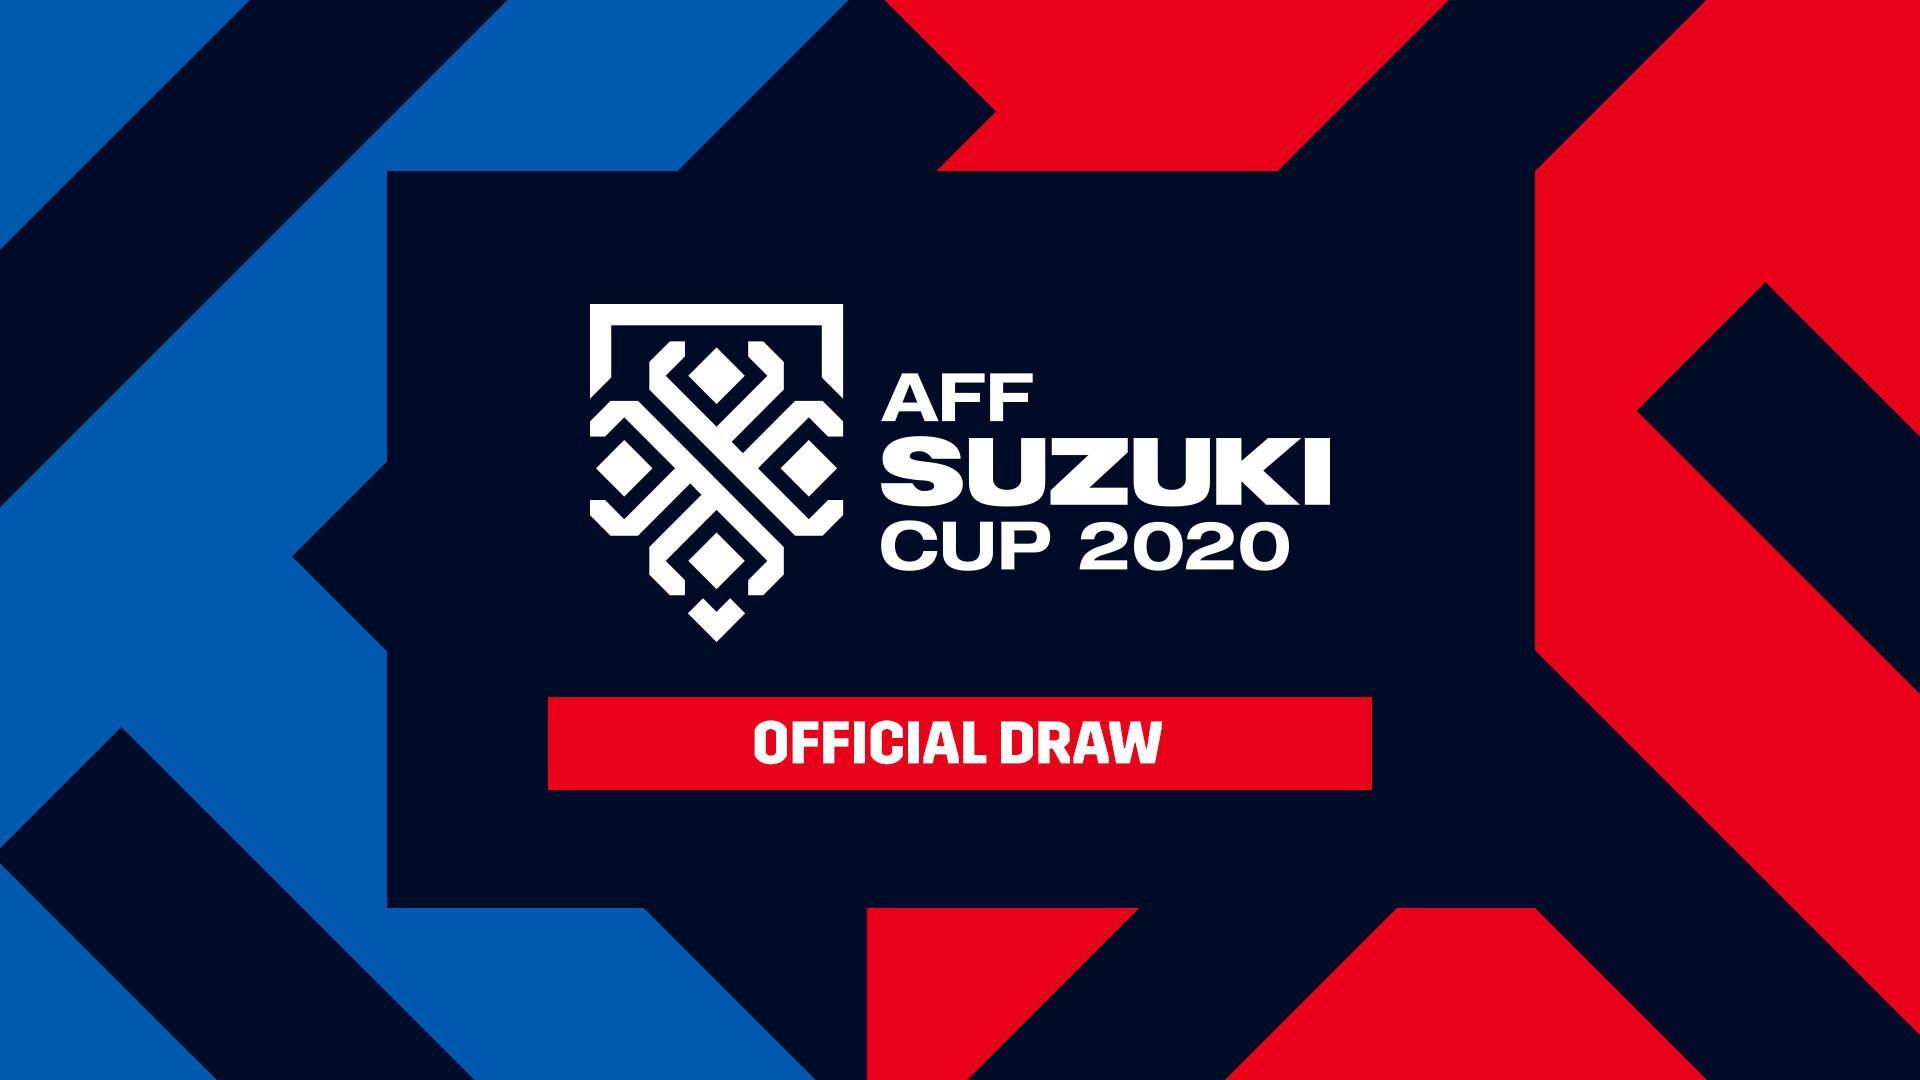 Next Media hợp tác VTV phát sóng trực tiếp lễ bốc thăm AFF Cup 2020 - 1